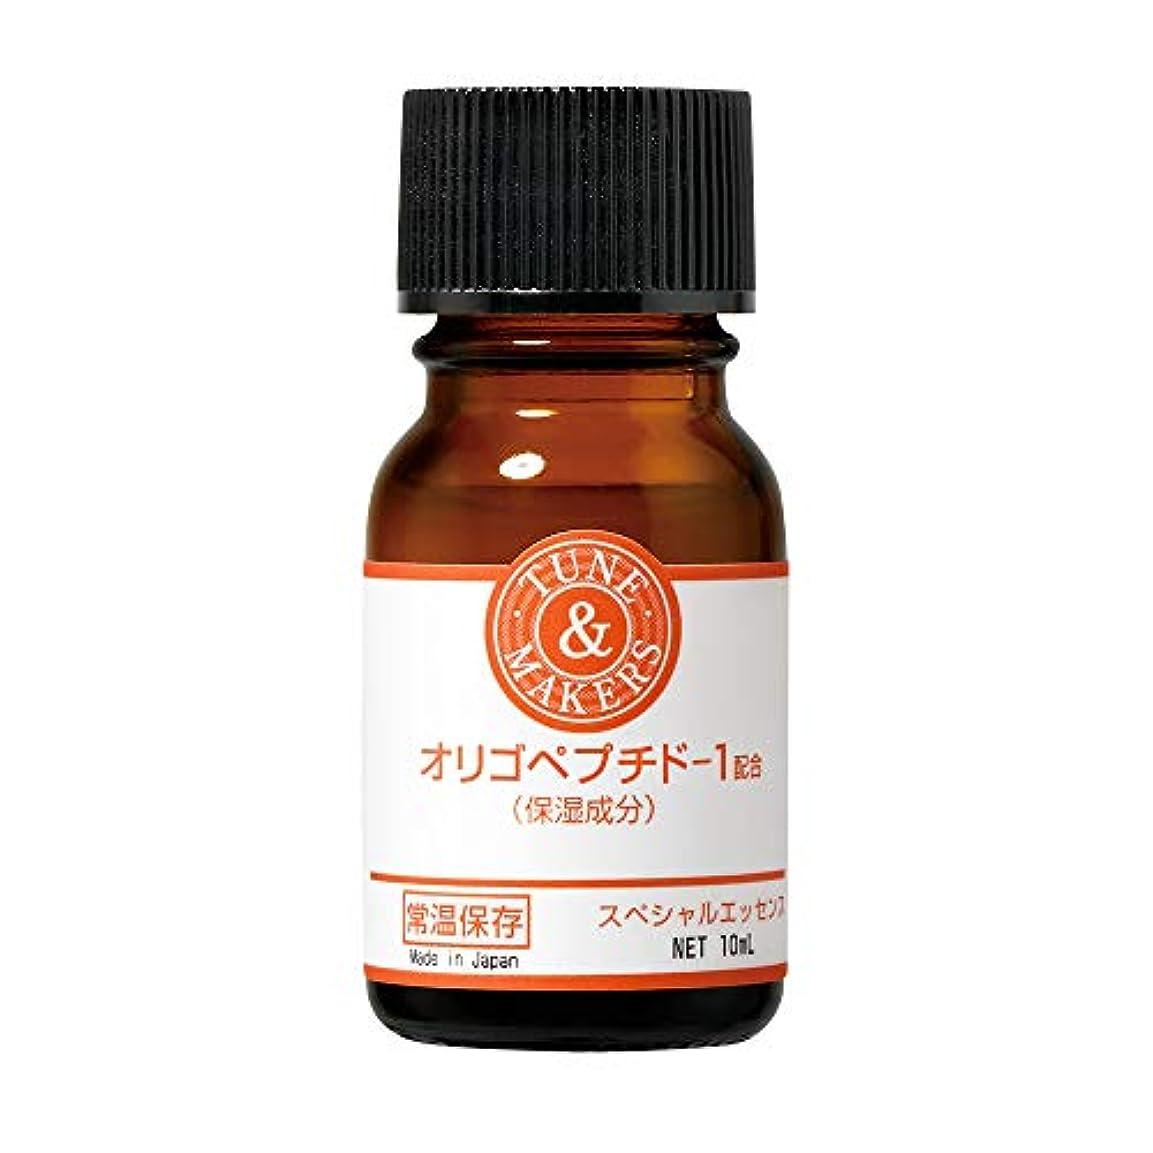 主張する許可悪化させるチューンメーカーズ オリゴペプチド-1配合エッセンス 10ml 原液美容液